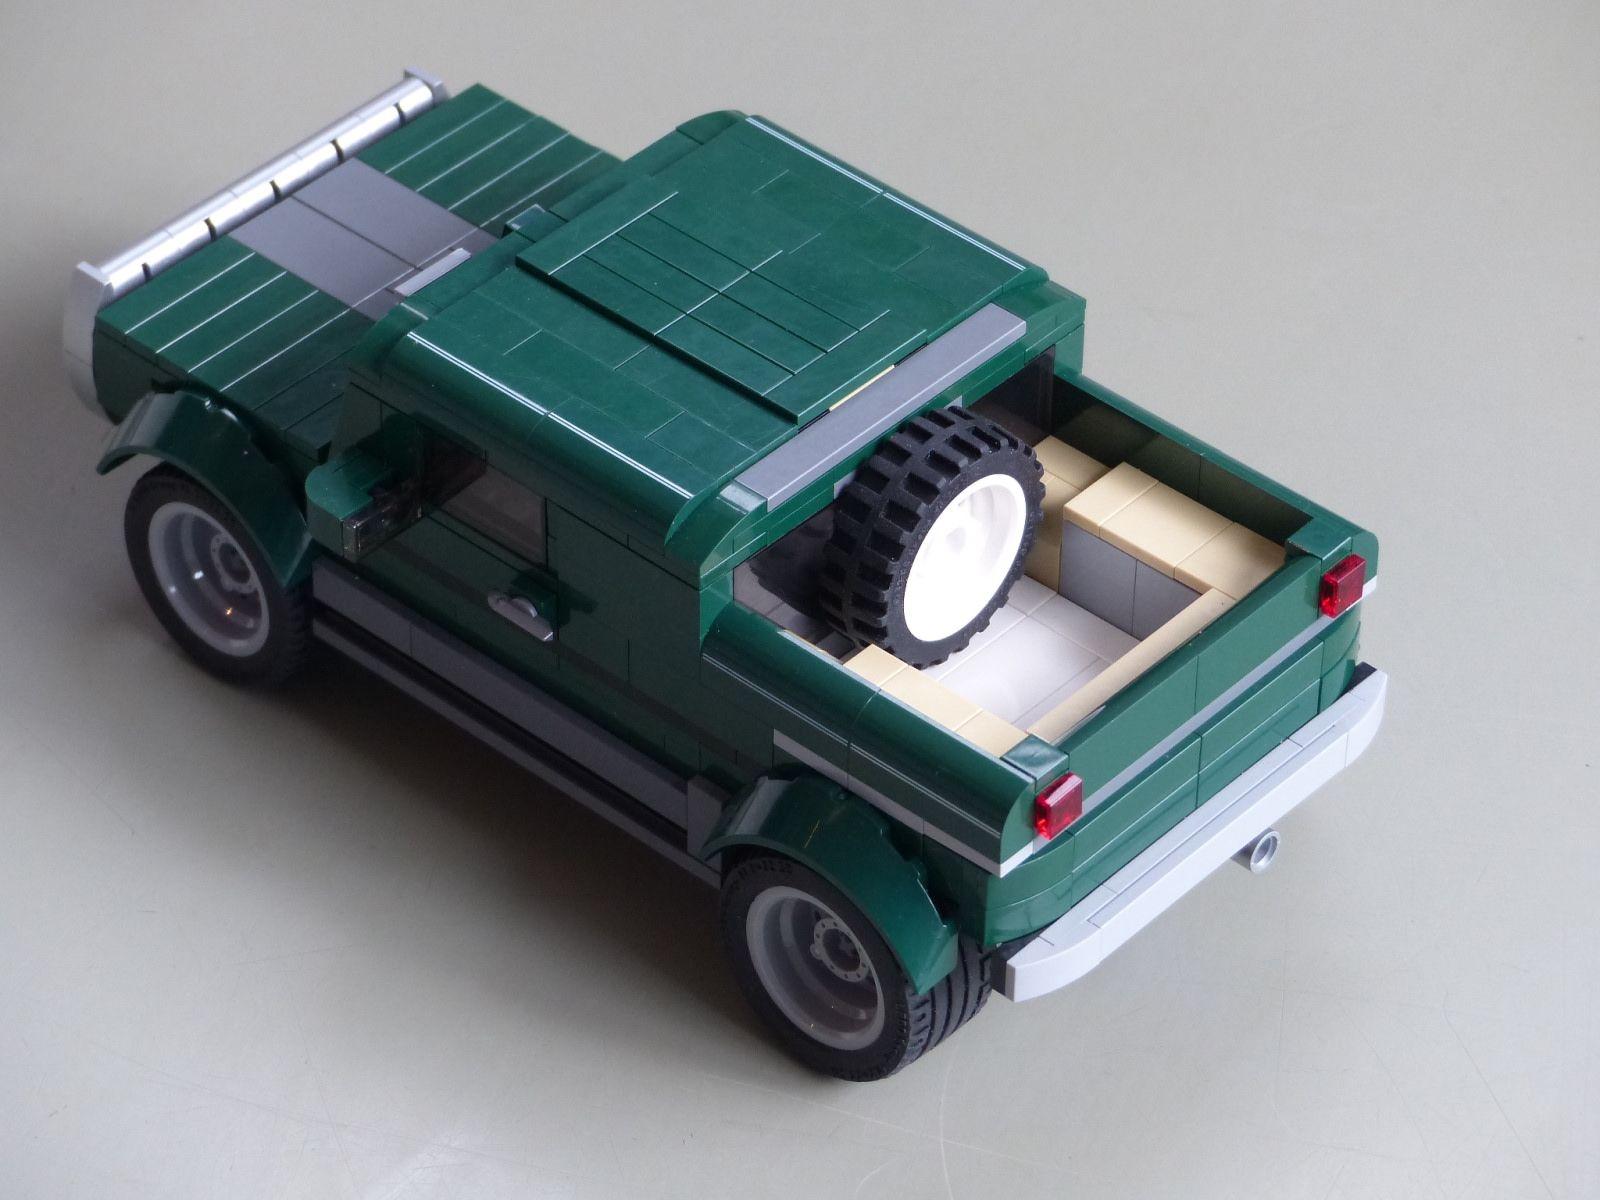 Hummer H1 Moc 10242 Everything Hummer H1 Hummer H1 Hummer Lego